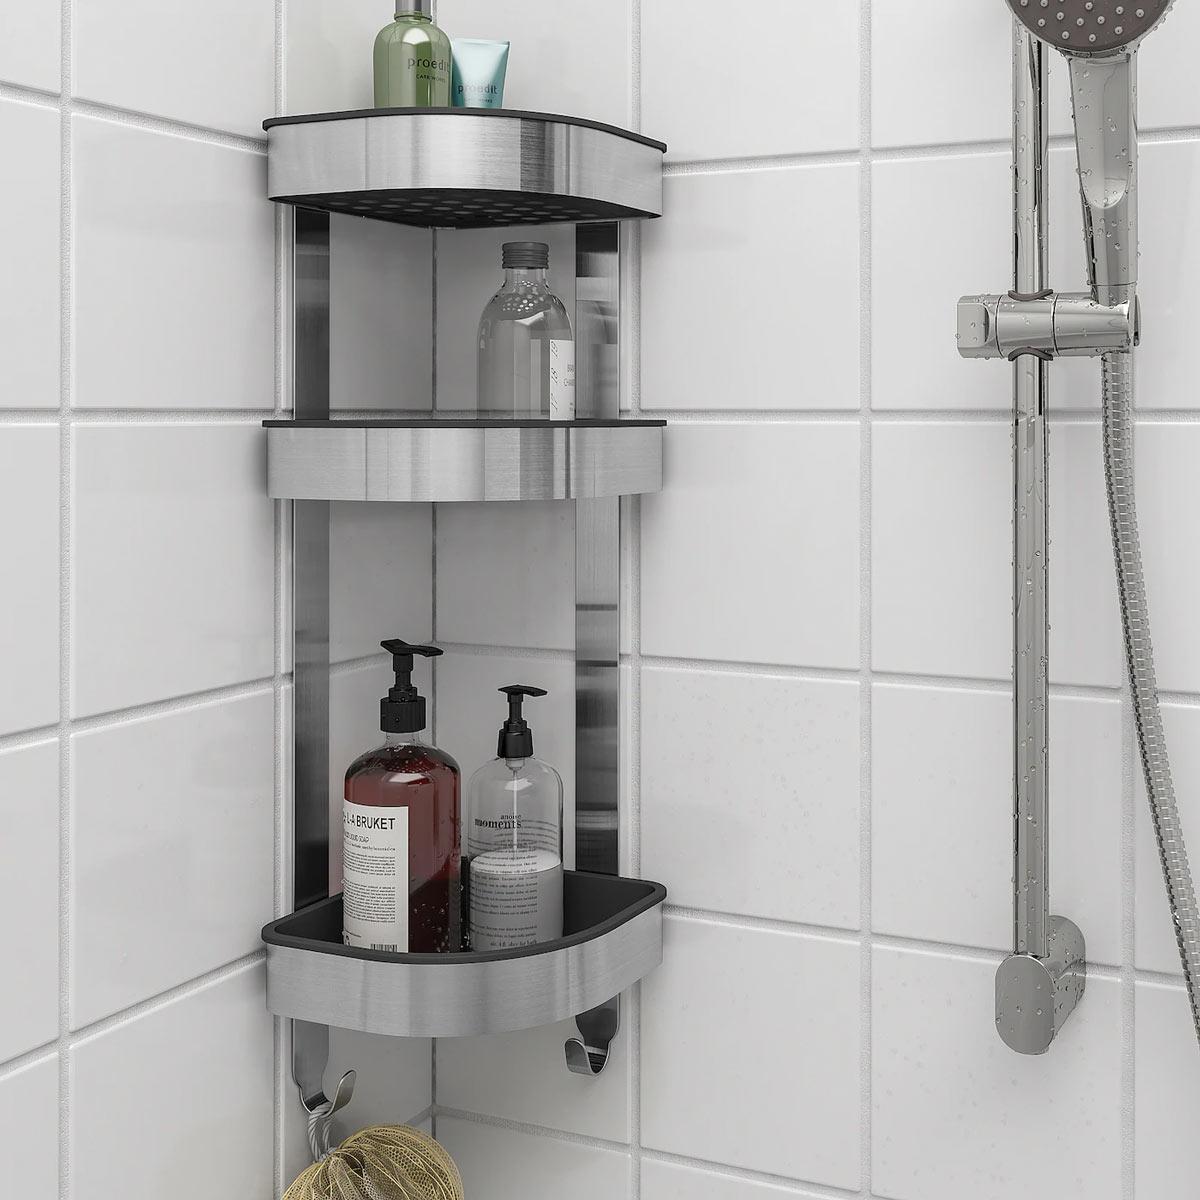 Si possono apporre delle pratiche mensole, oppure dei mobiletti da parete sviluppati in orizzontale e perfetti come complementi di arredo in cui riporre. Ikea Bagno I Mobili Del Catalogo 2020 Lasciati Ispirare